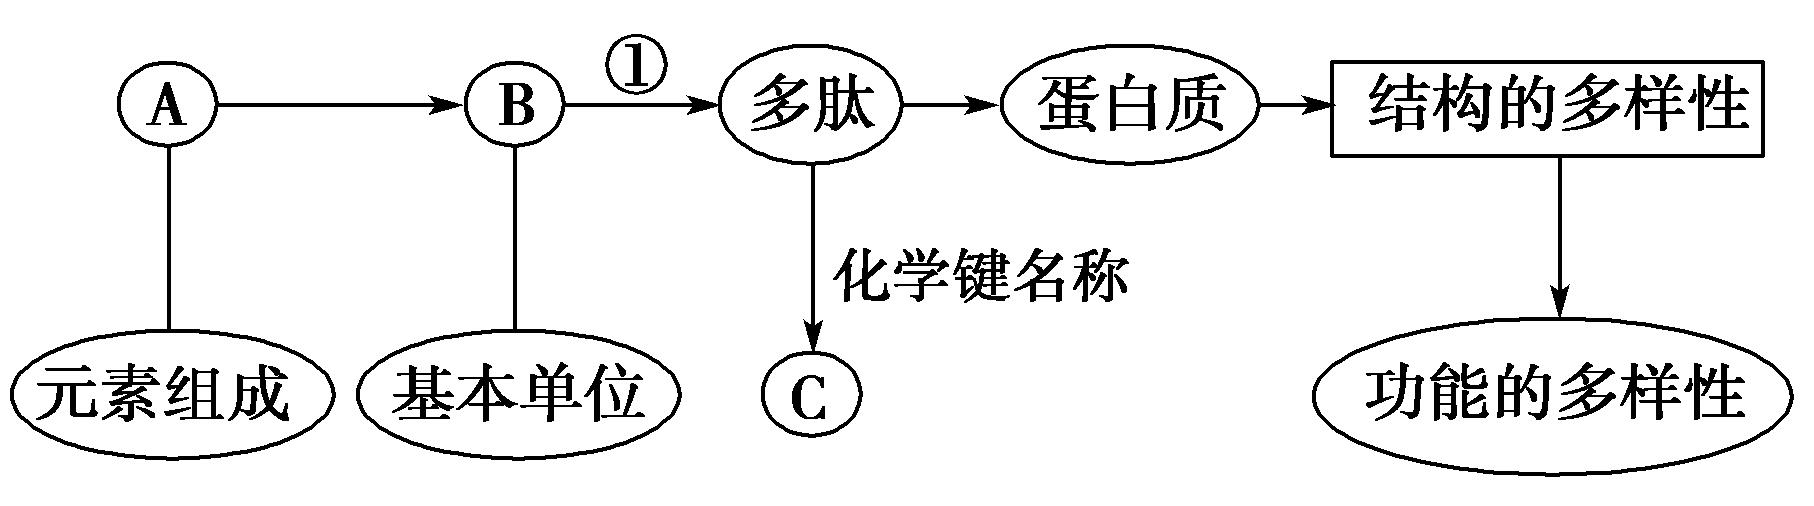 下图表示有关蛋白质分子的简要概念图